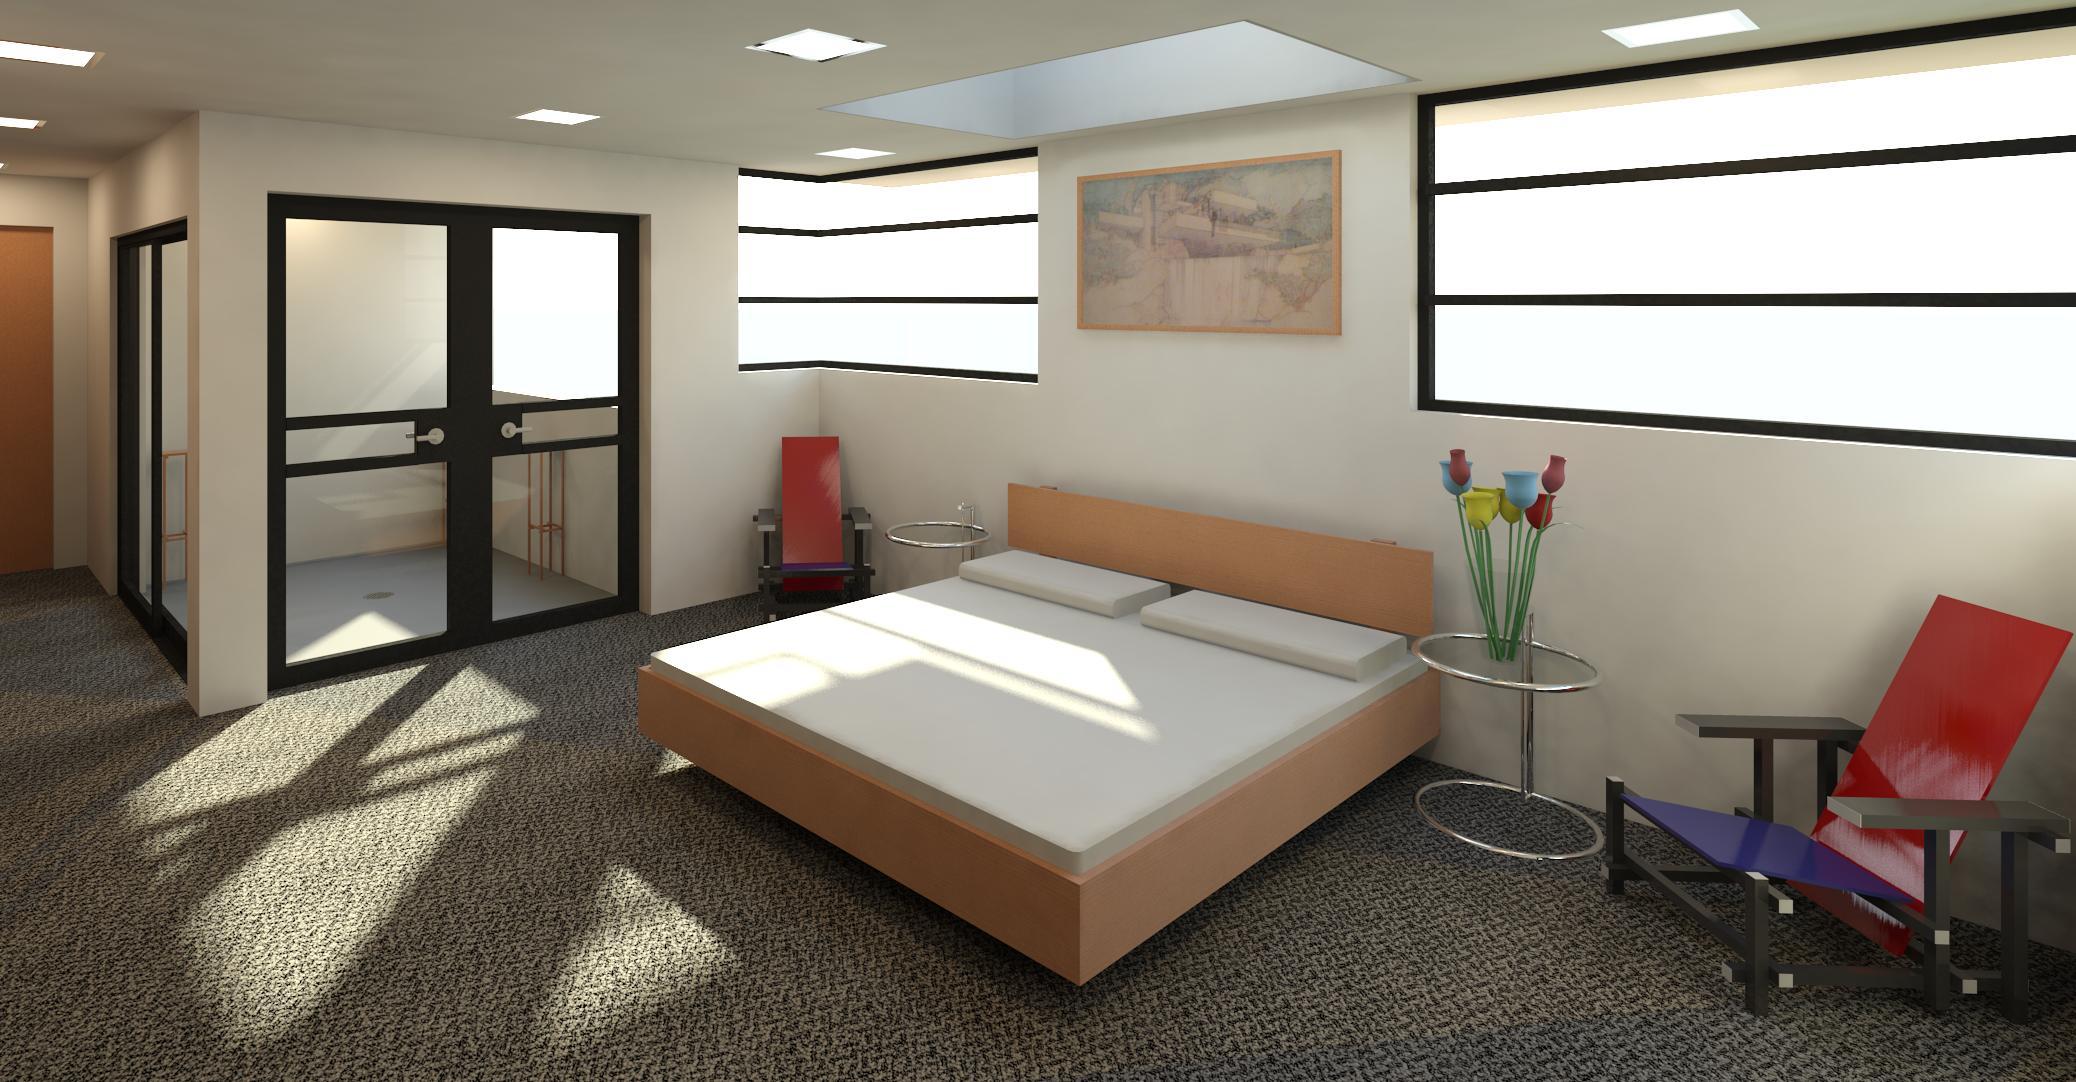 ashelford design